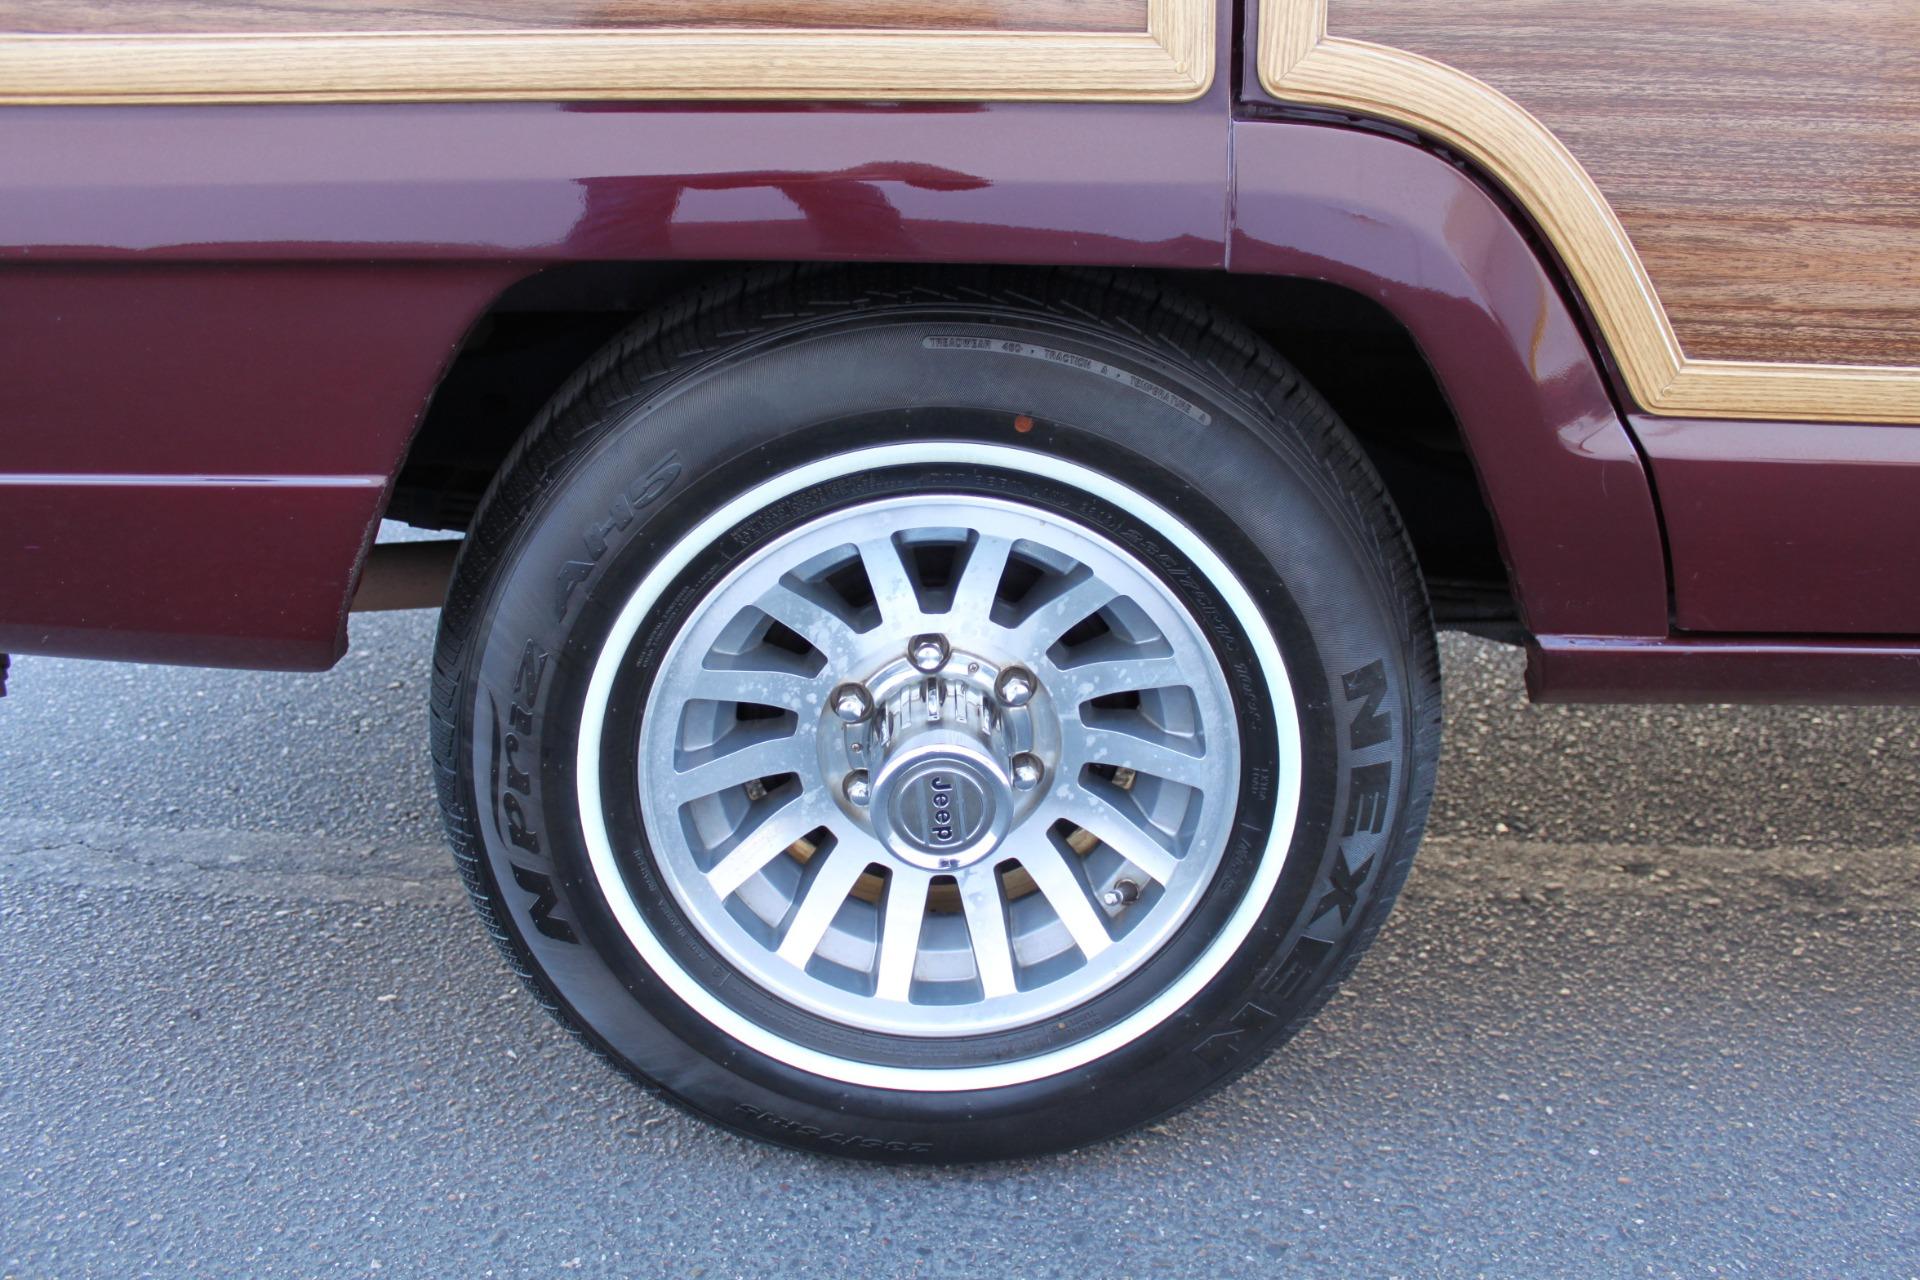 Used-1988-Jeep-Grand-Wagoneer-Lexus